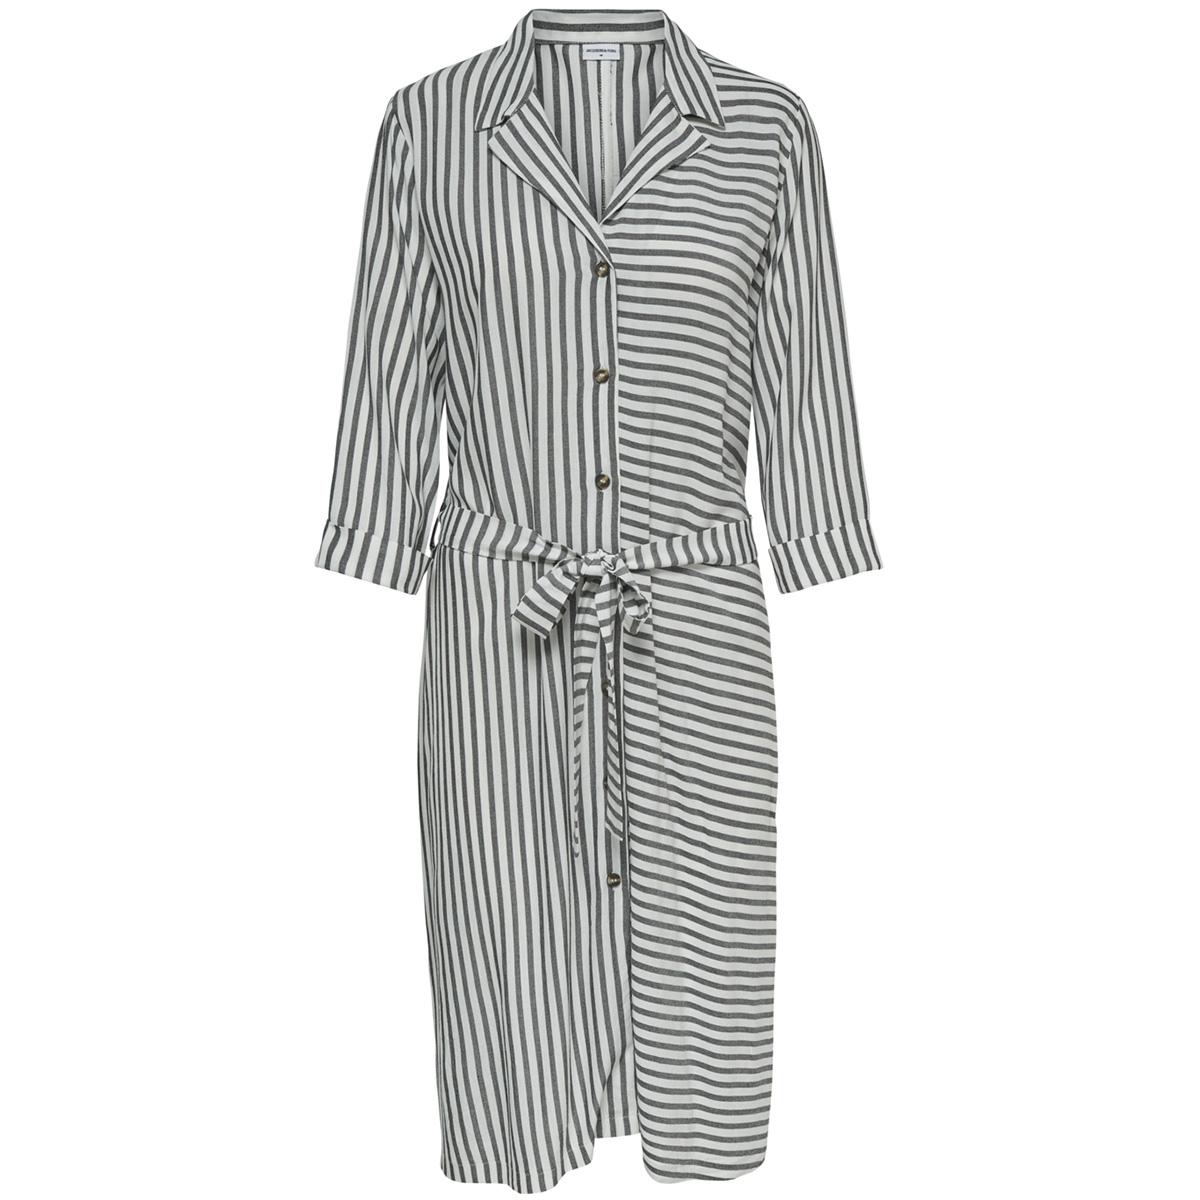 jdykarla 3/4 midi shirt dress wvn 15174415 jacqueline de yong jurk cloud dancer/black